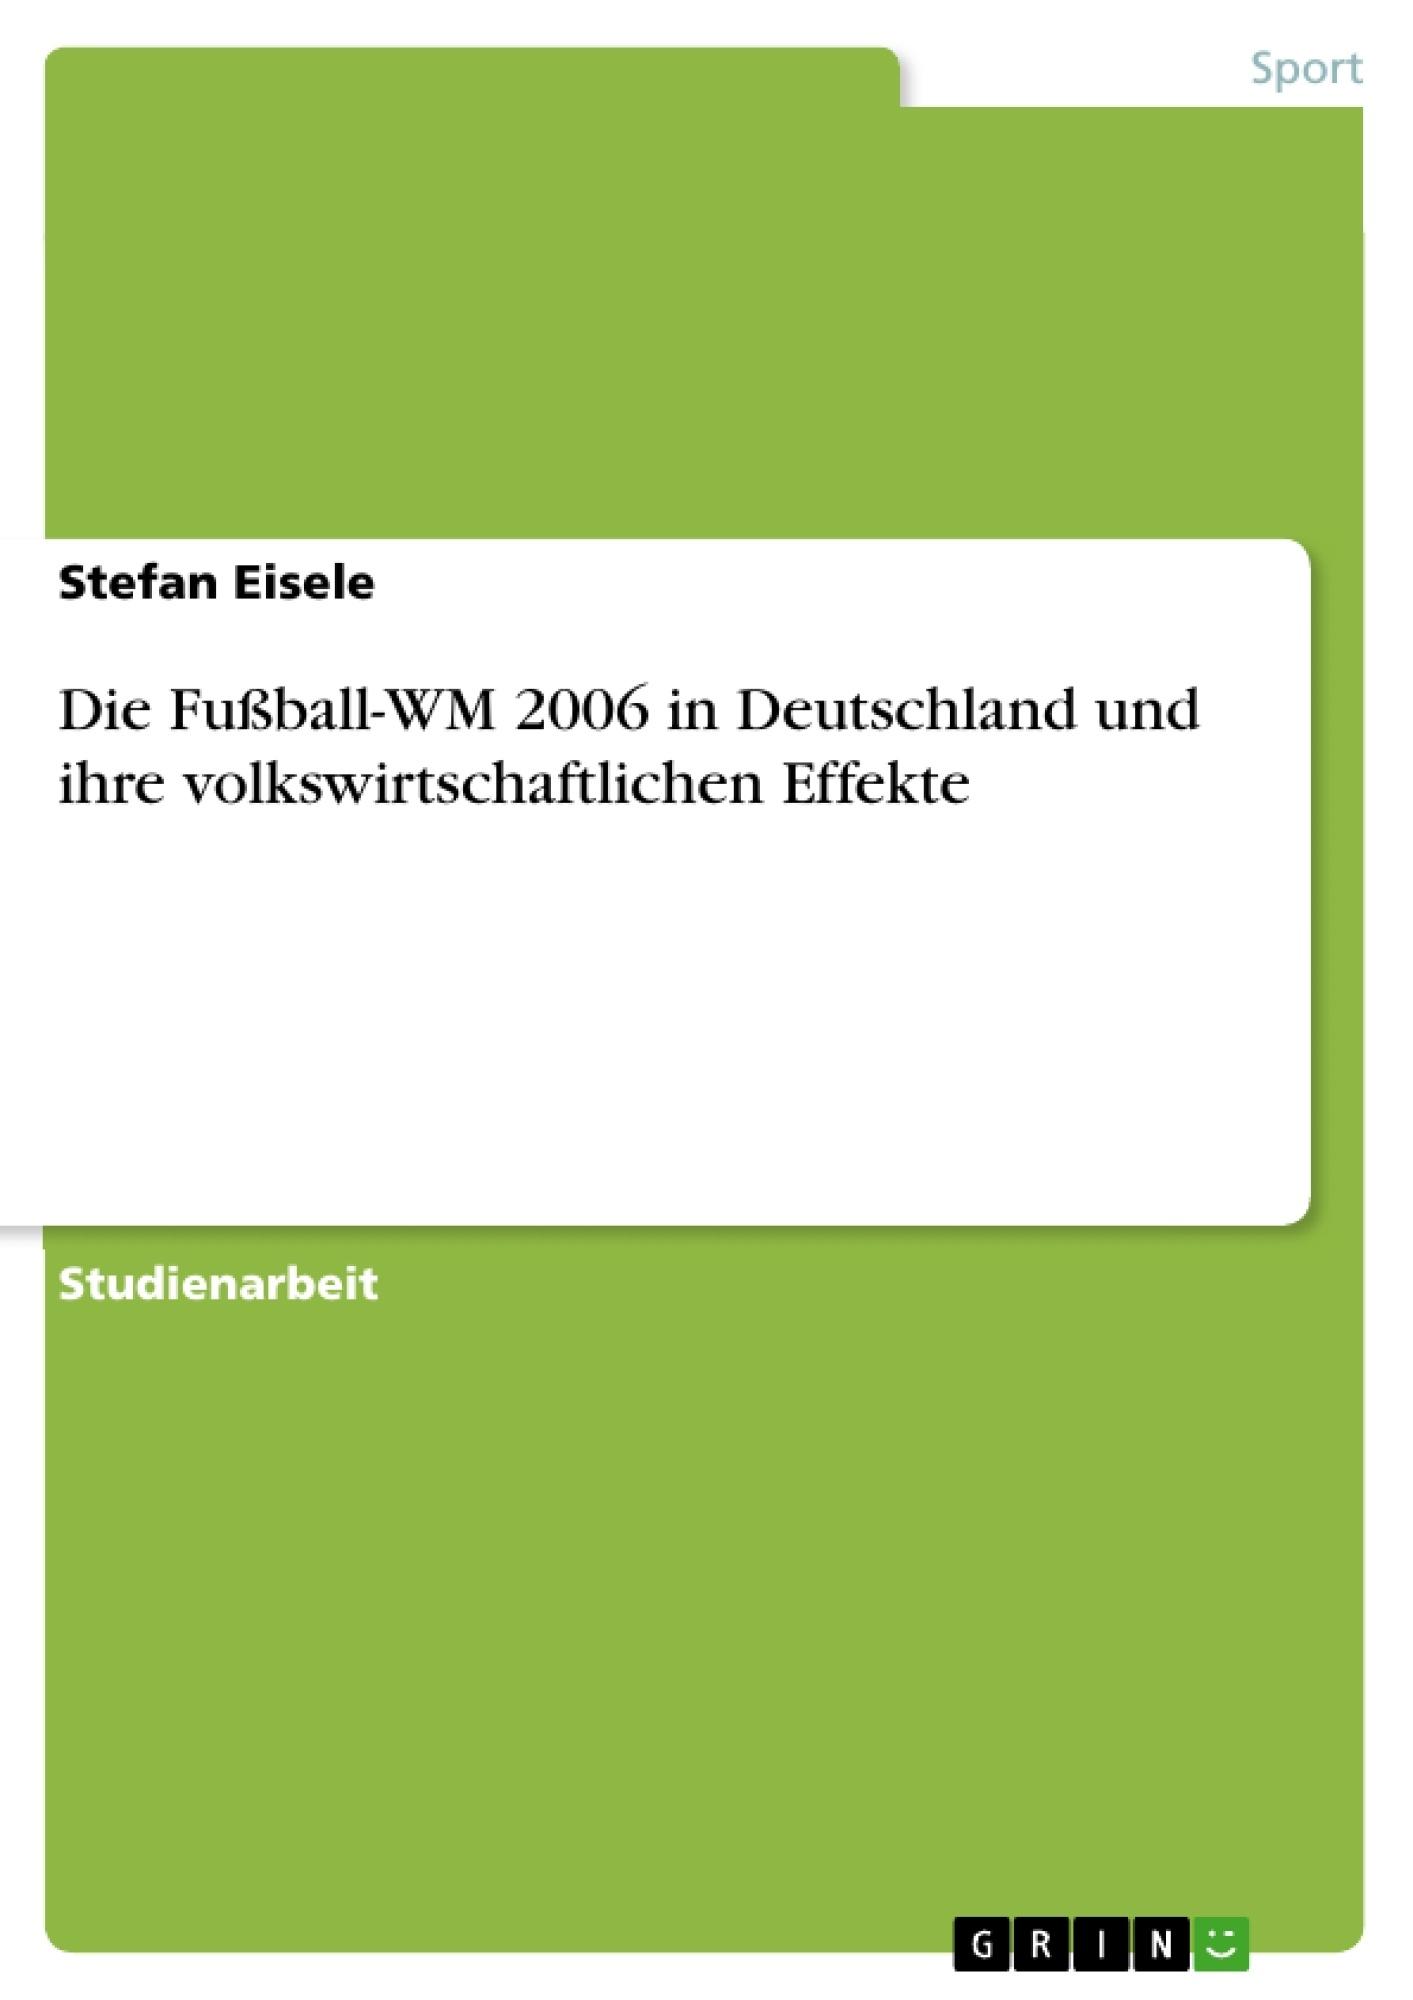 Titel: Die Fußball-WM 2006 in Deutschland und ihre  volkswirtschaftlichen Effekte